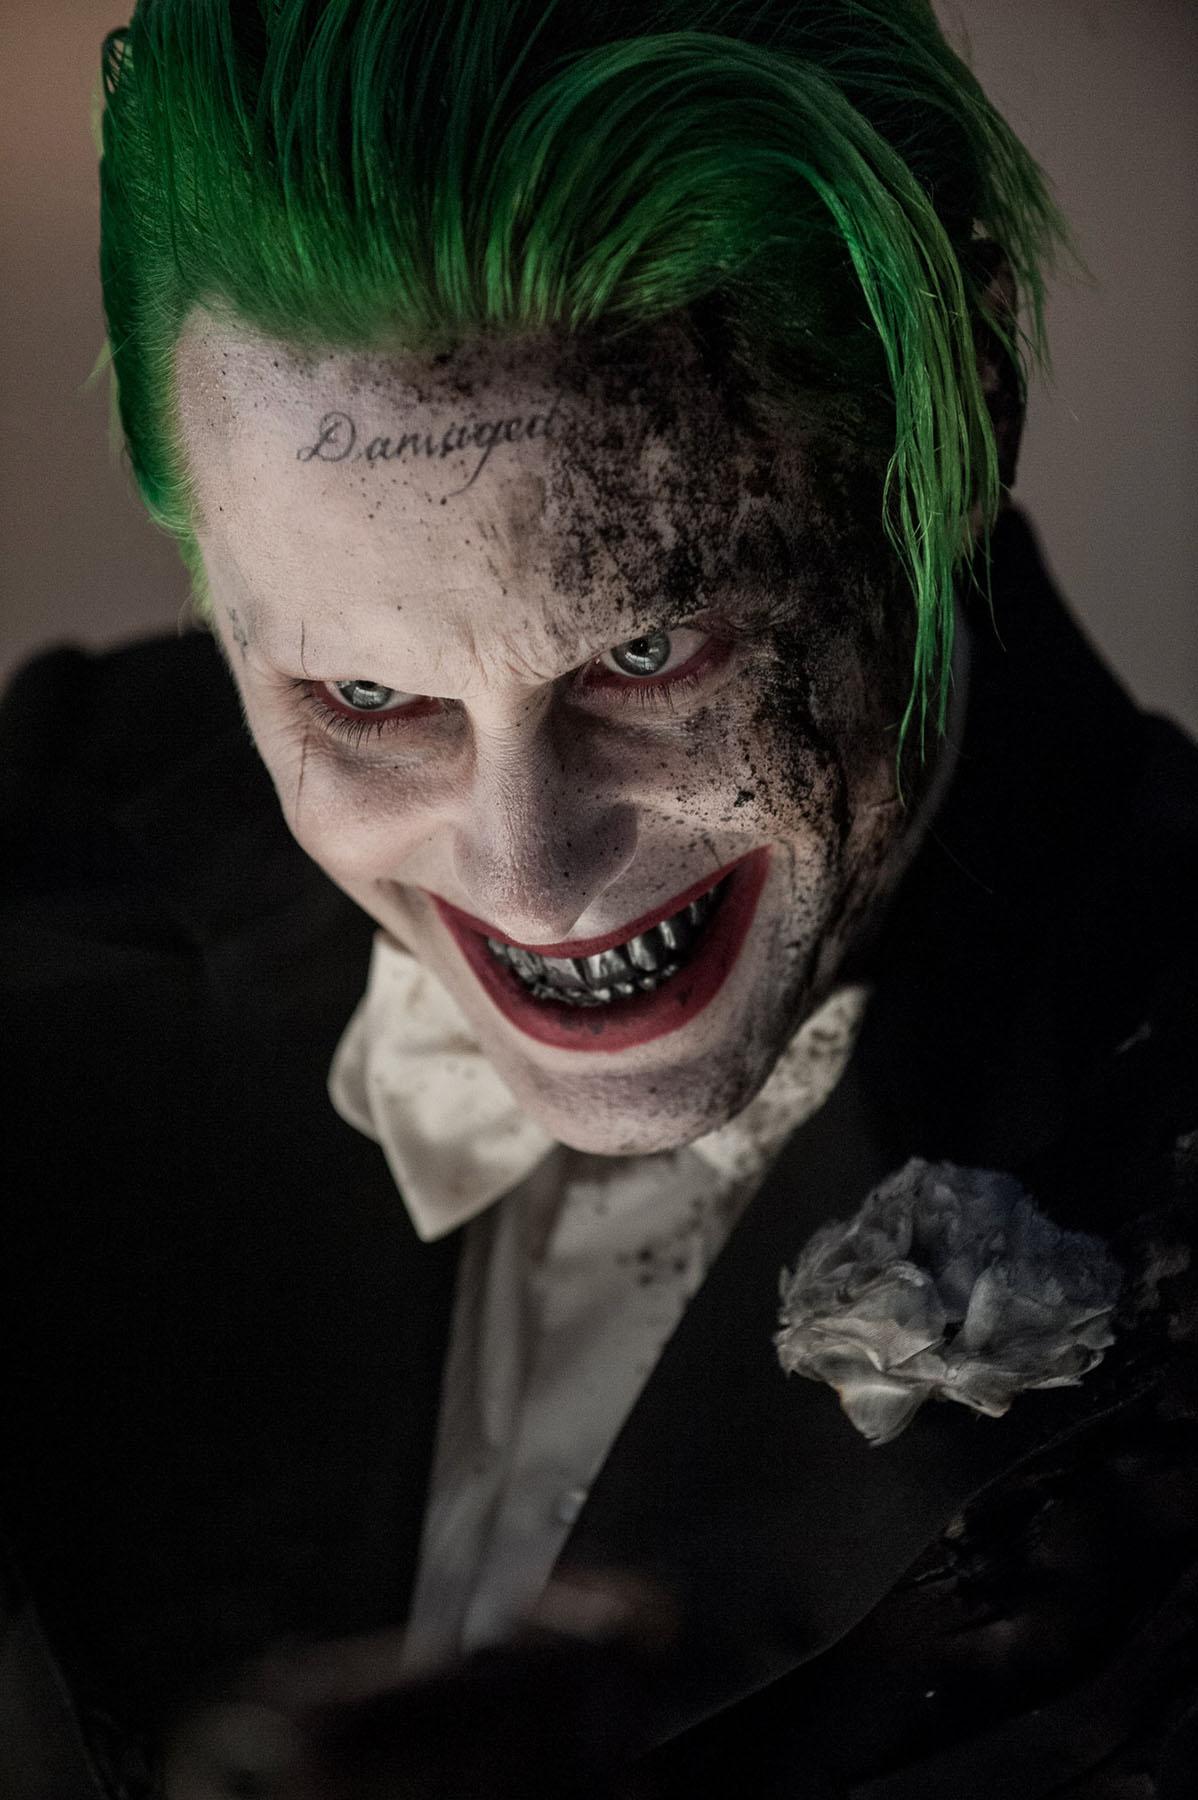 Jared Leto as The Joker